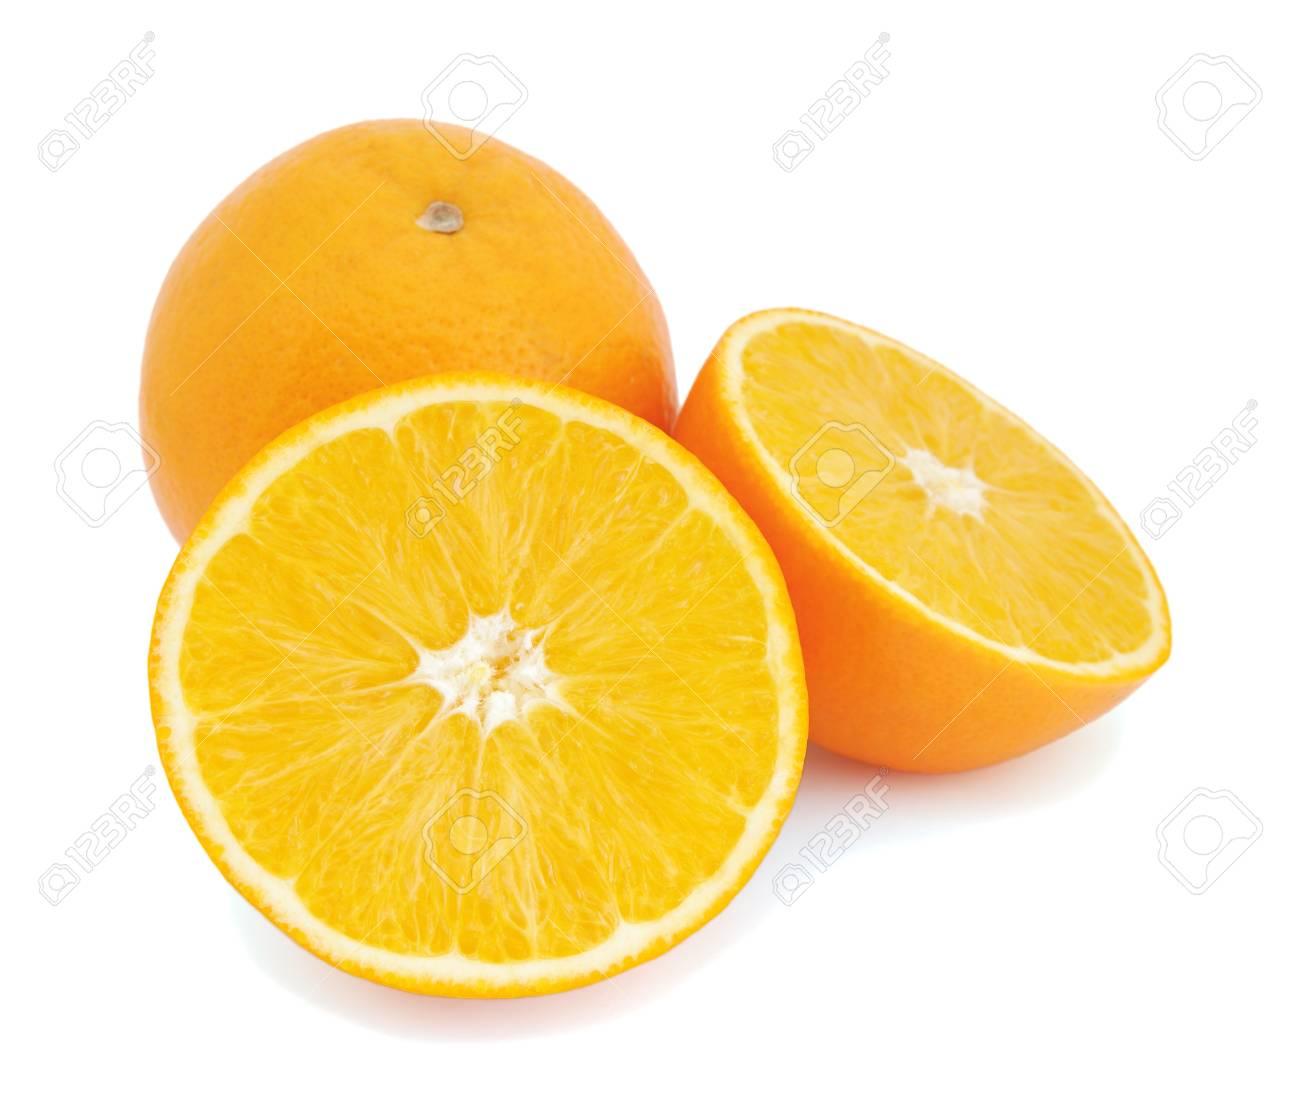 Oranges isolated on white background Stock Photo - 8617971